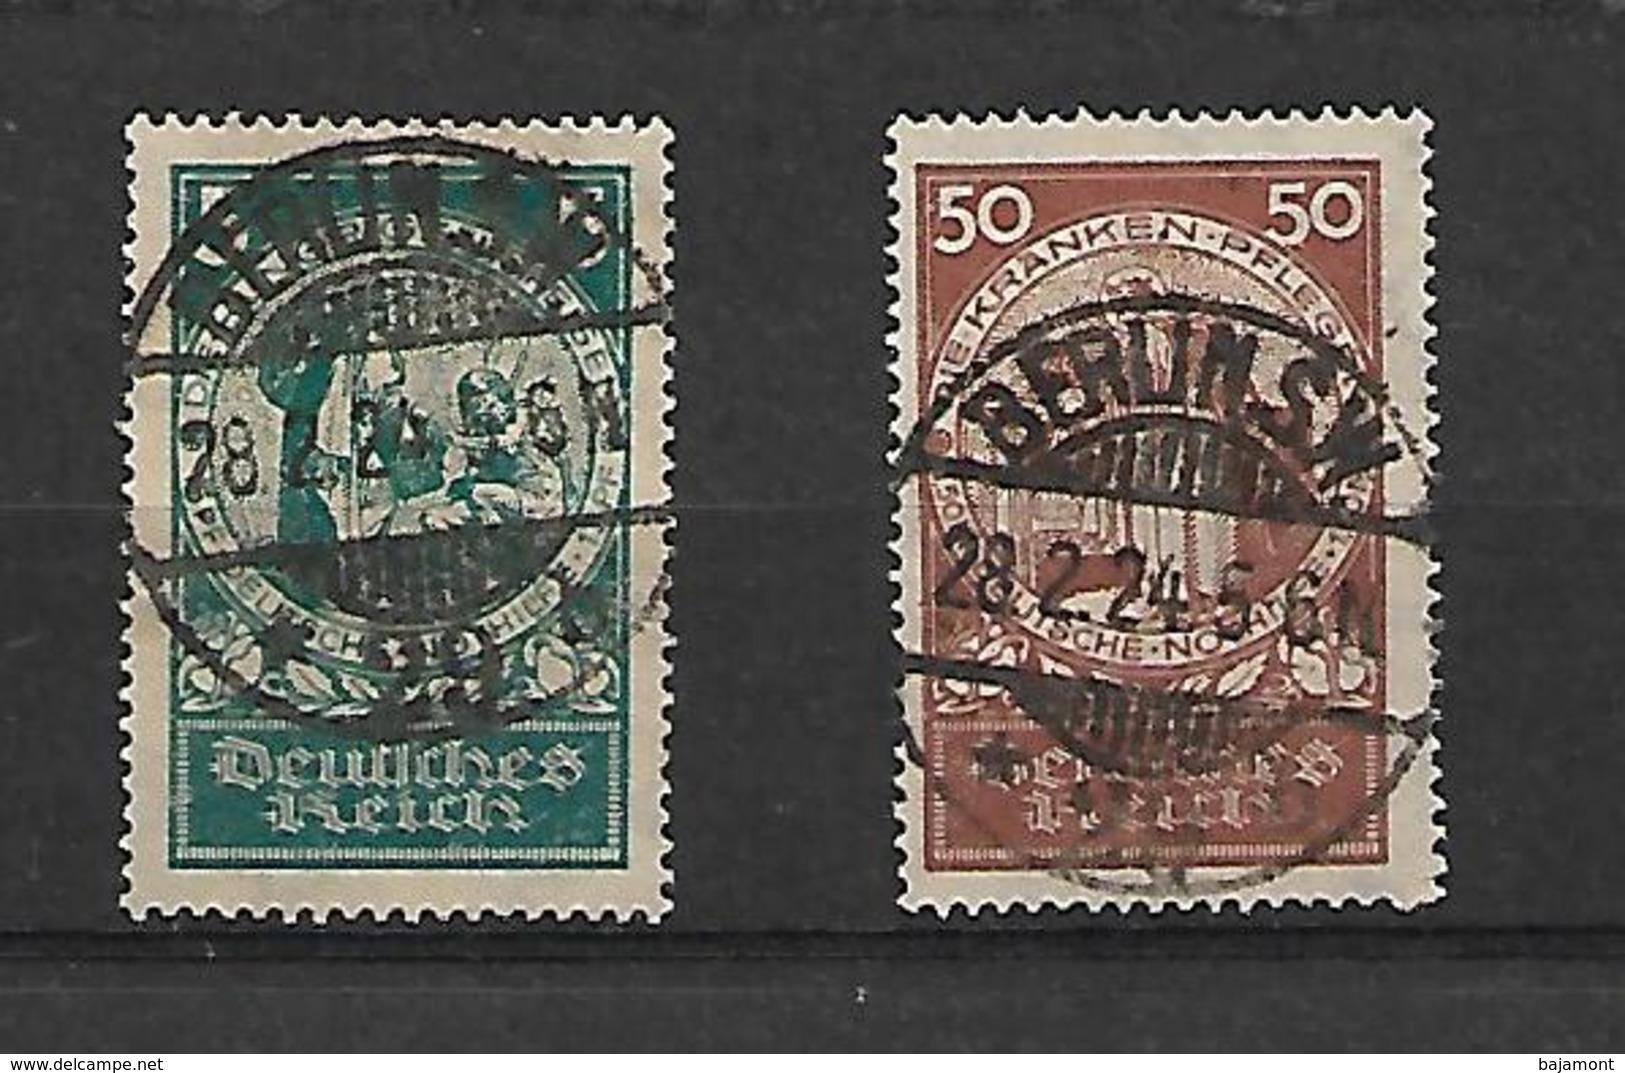 TIMBRES D'ALLEMAGNE. REICH 1924 .  N° 344 ET 347.  OBLITERE. COTE +60€. TRES BEAUX CACHETS - Allemagne